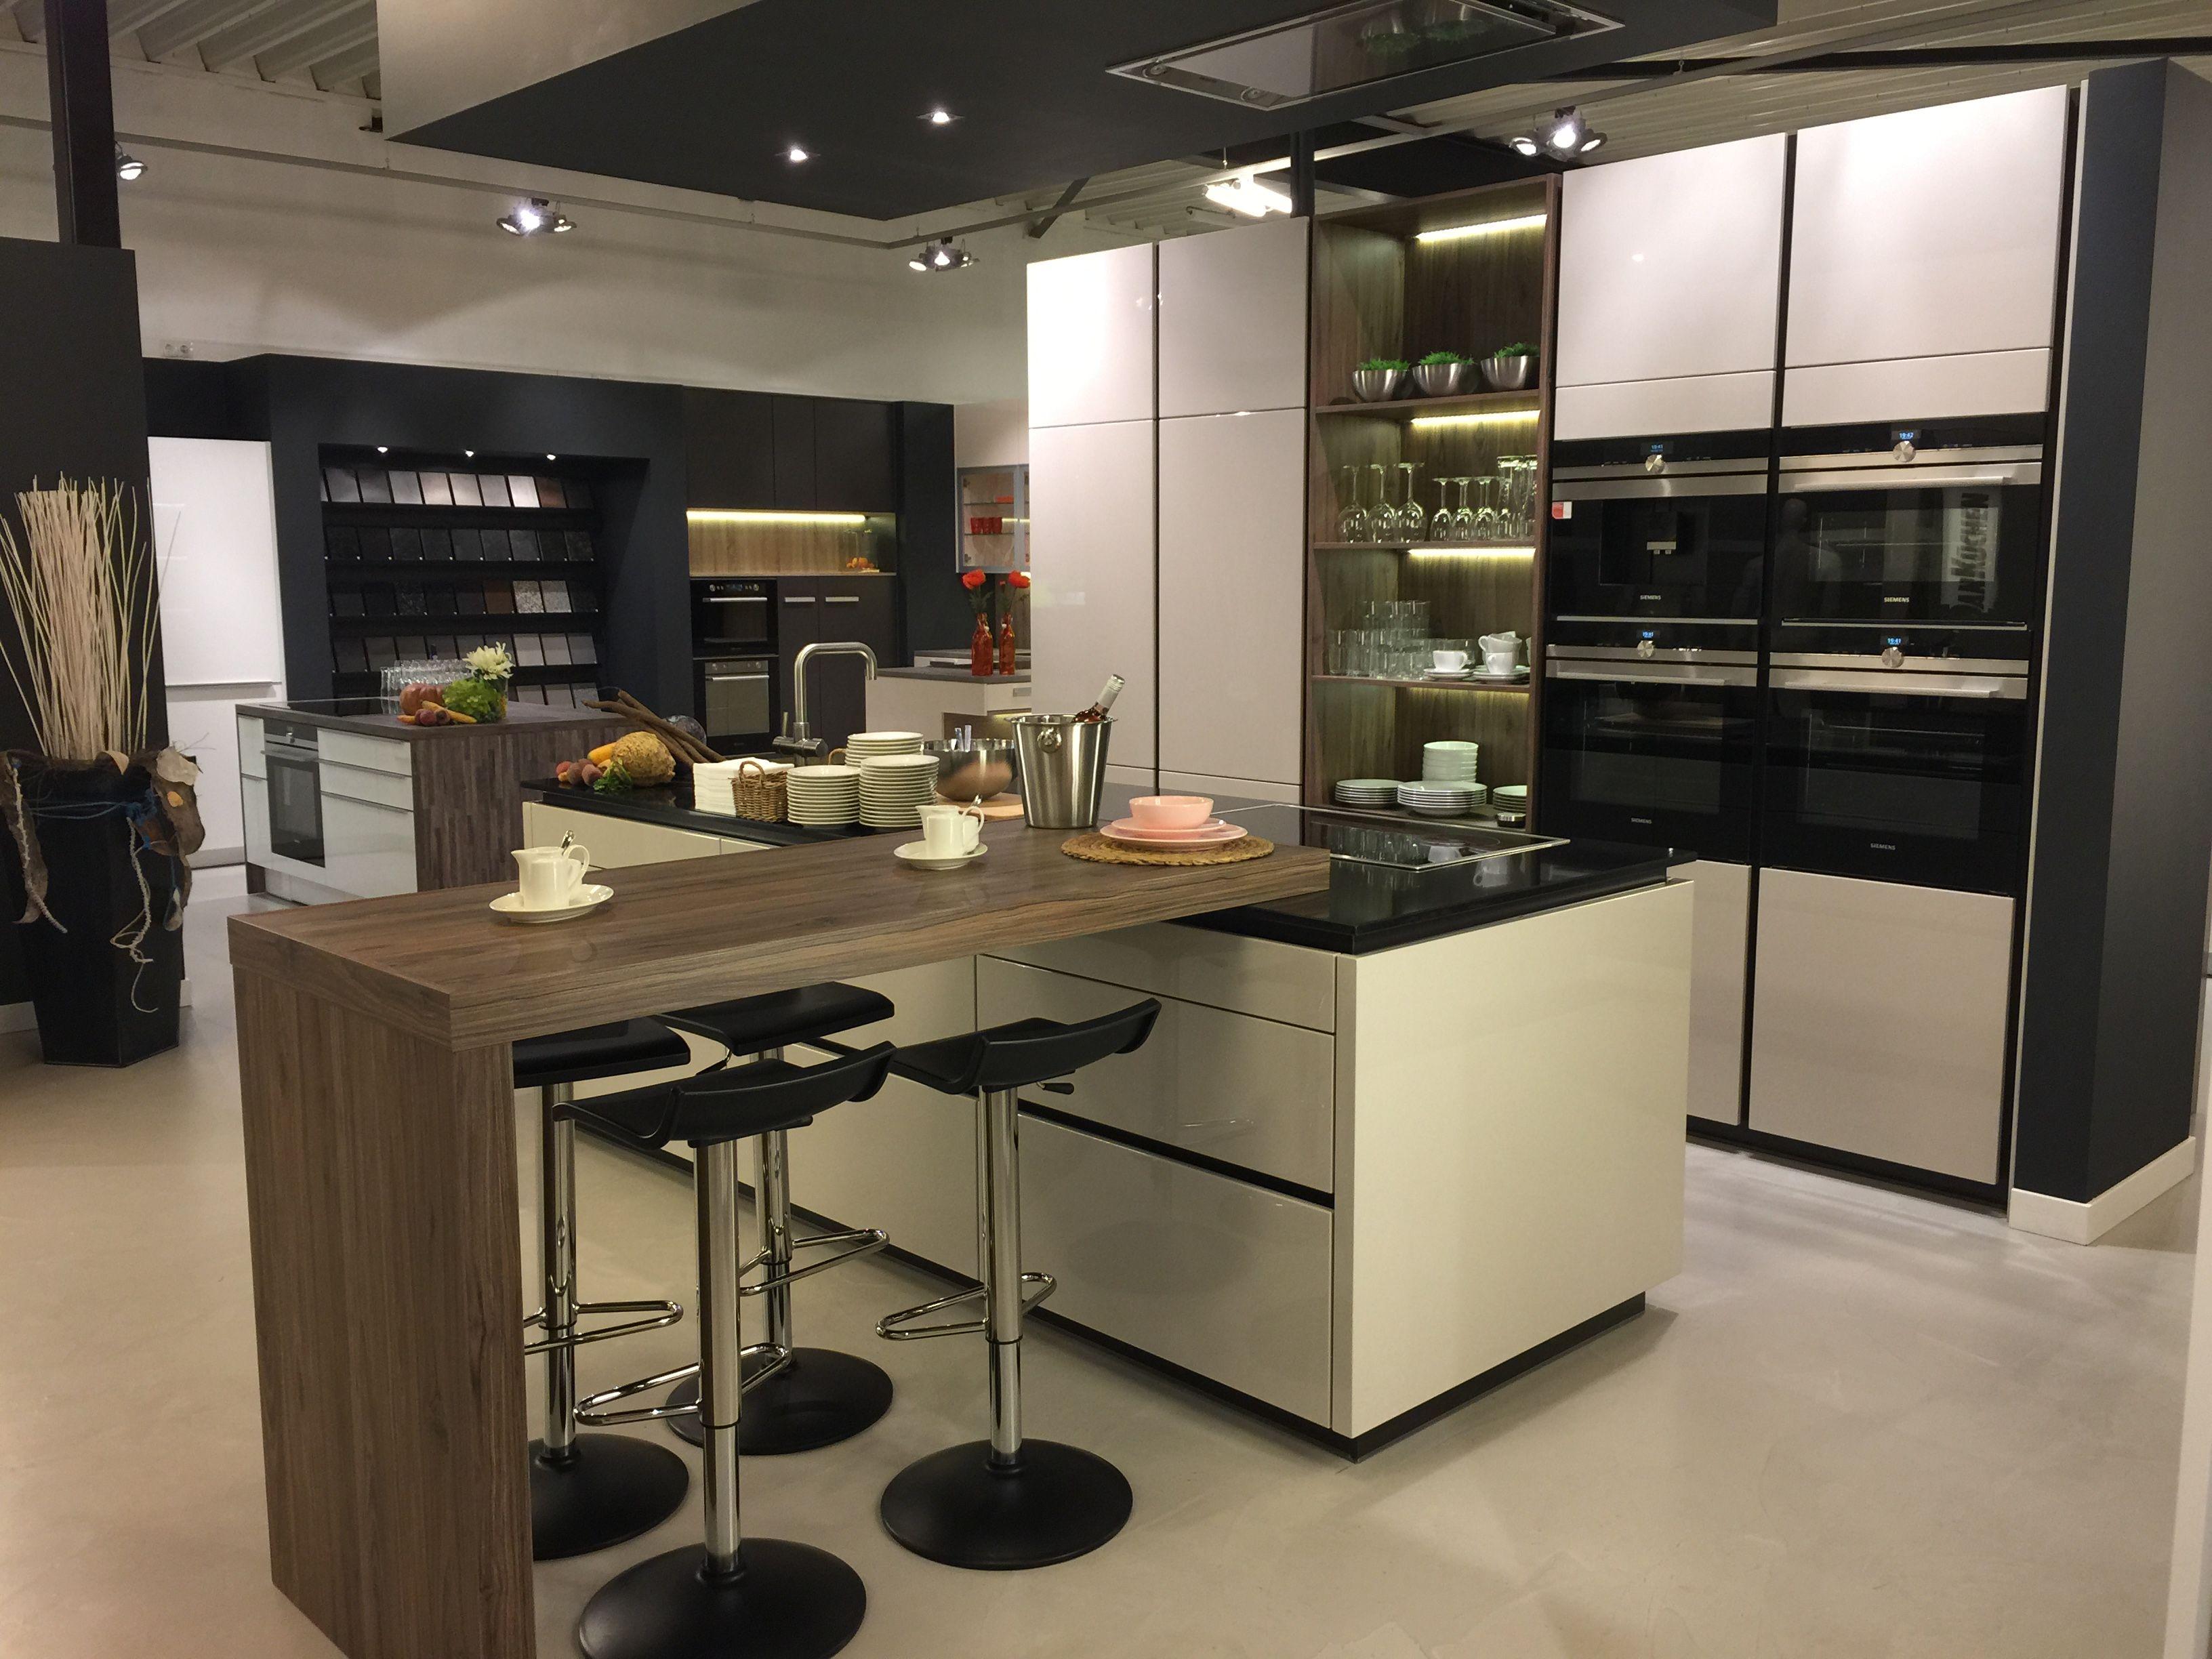 Groß Freie Küche Design Anwendung Galerie - Ideen Für Die Küche ...